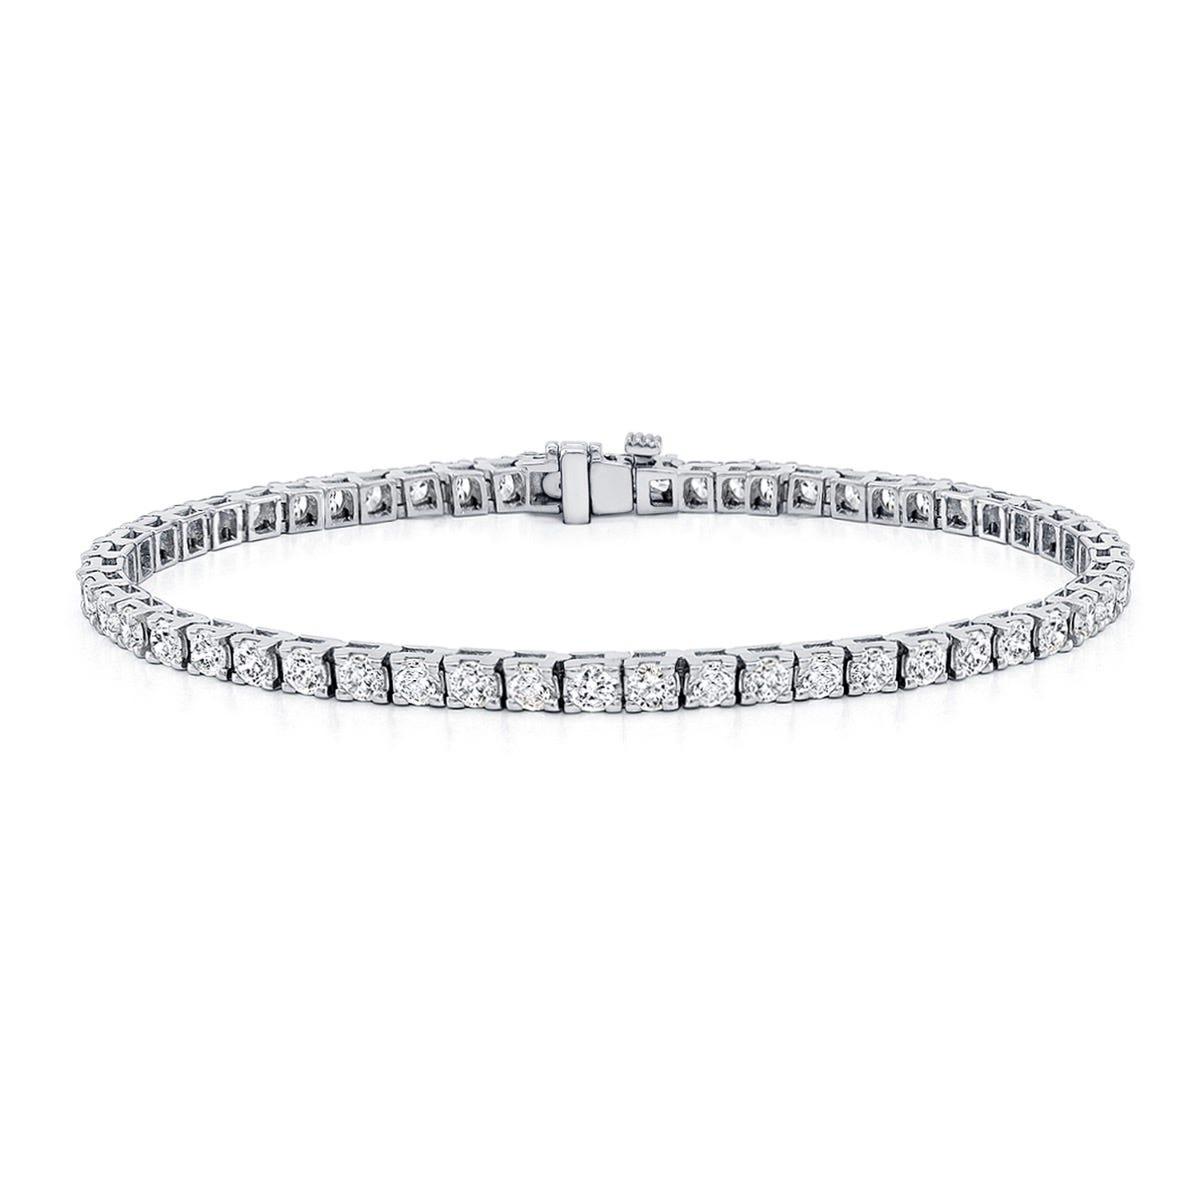 4ctw. 4-Prong Square Link Diamond Tennis Bracelet in 14K White Gold (HI, VS1-VS2)